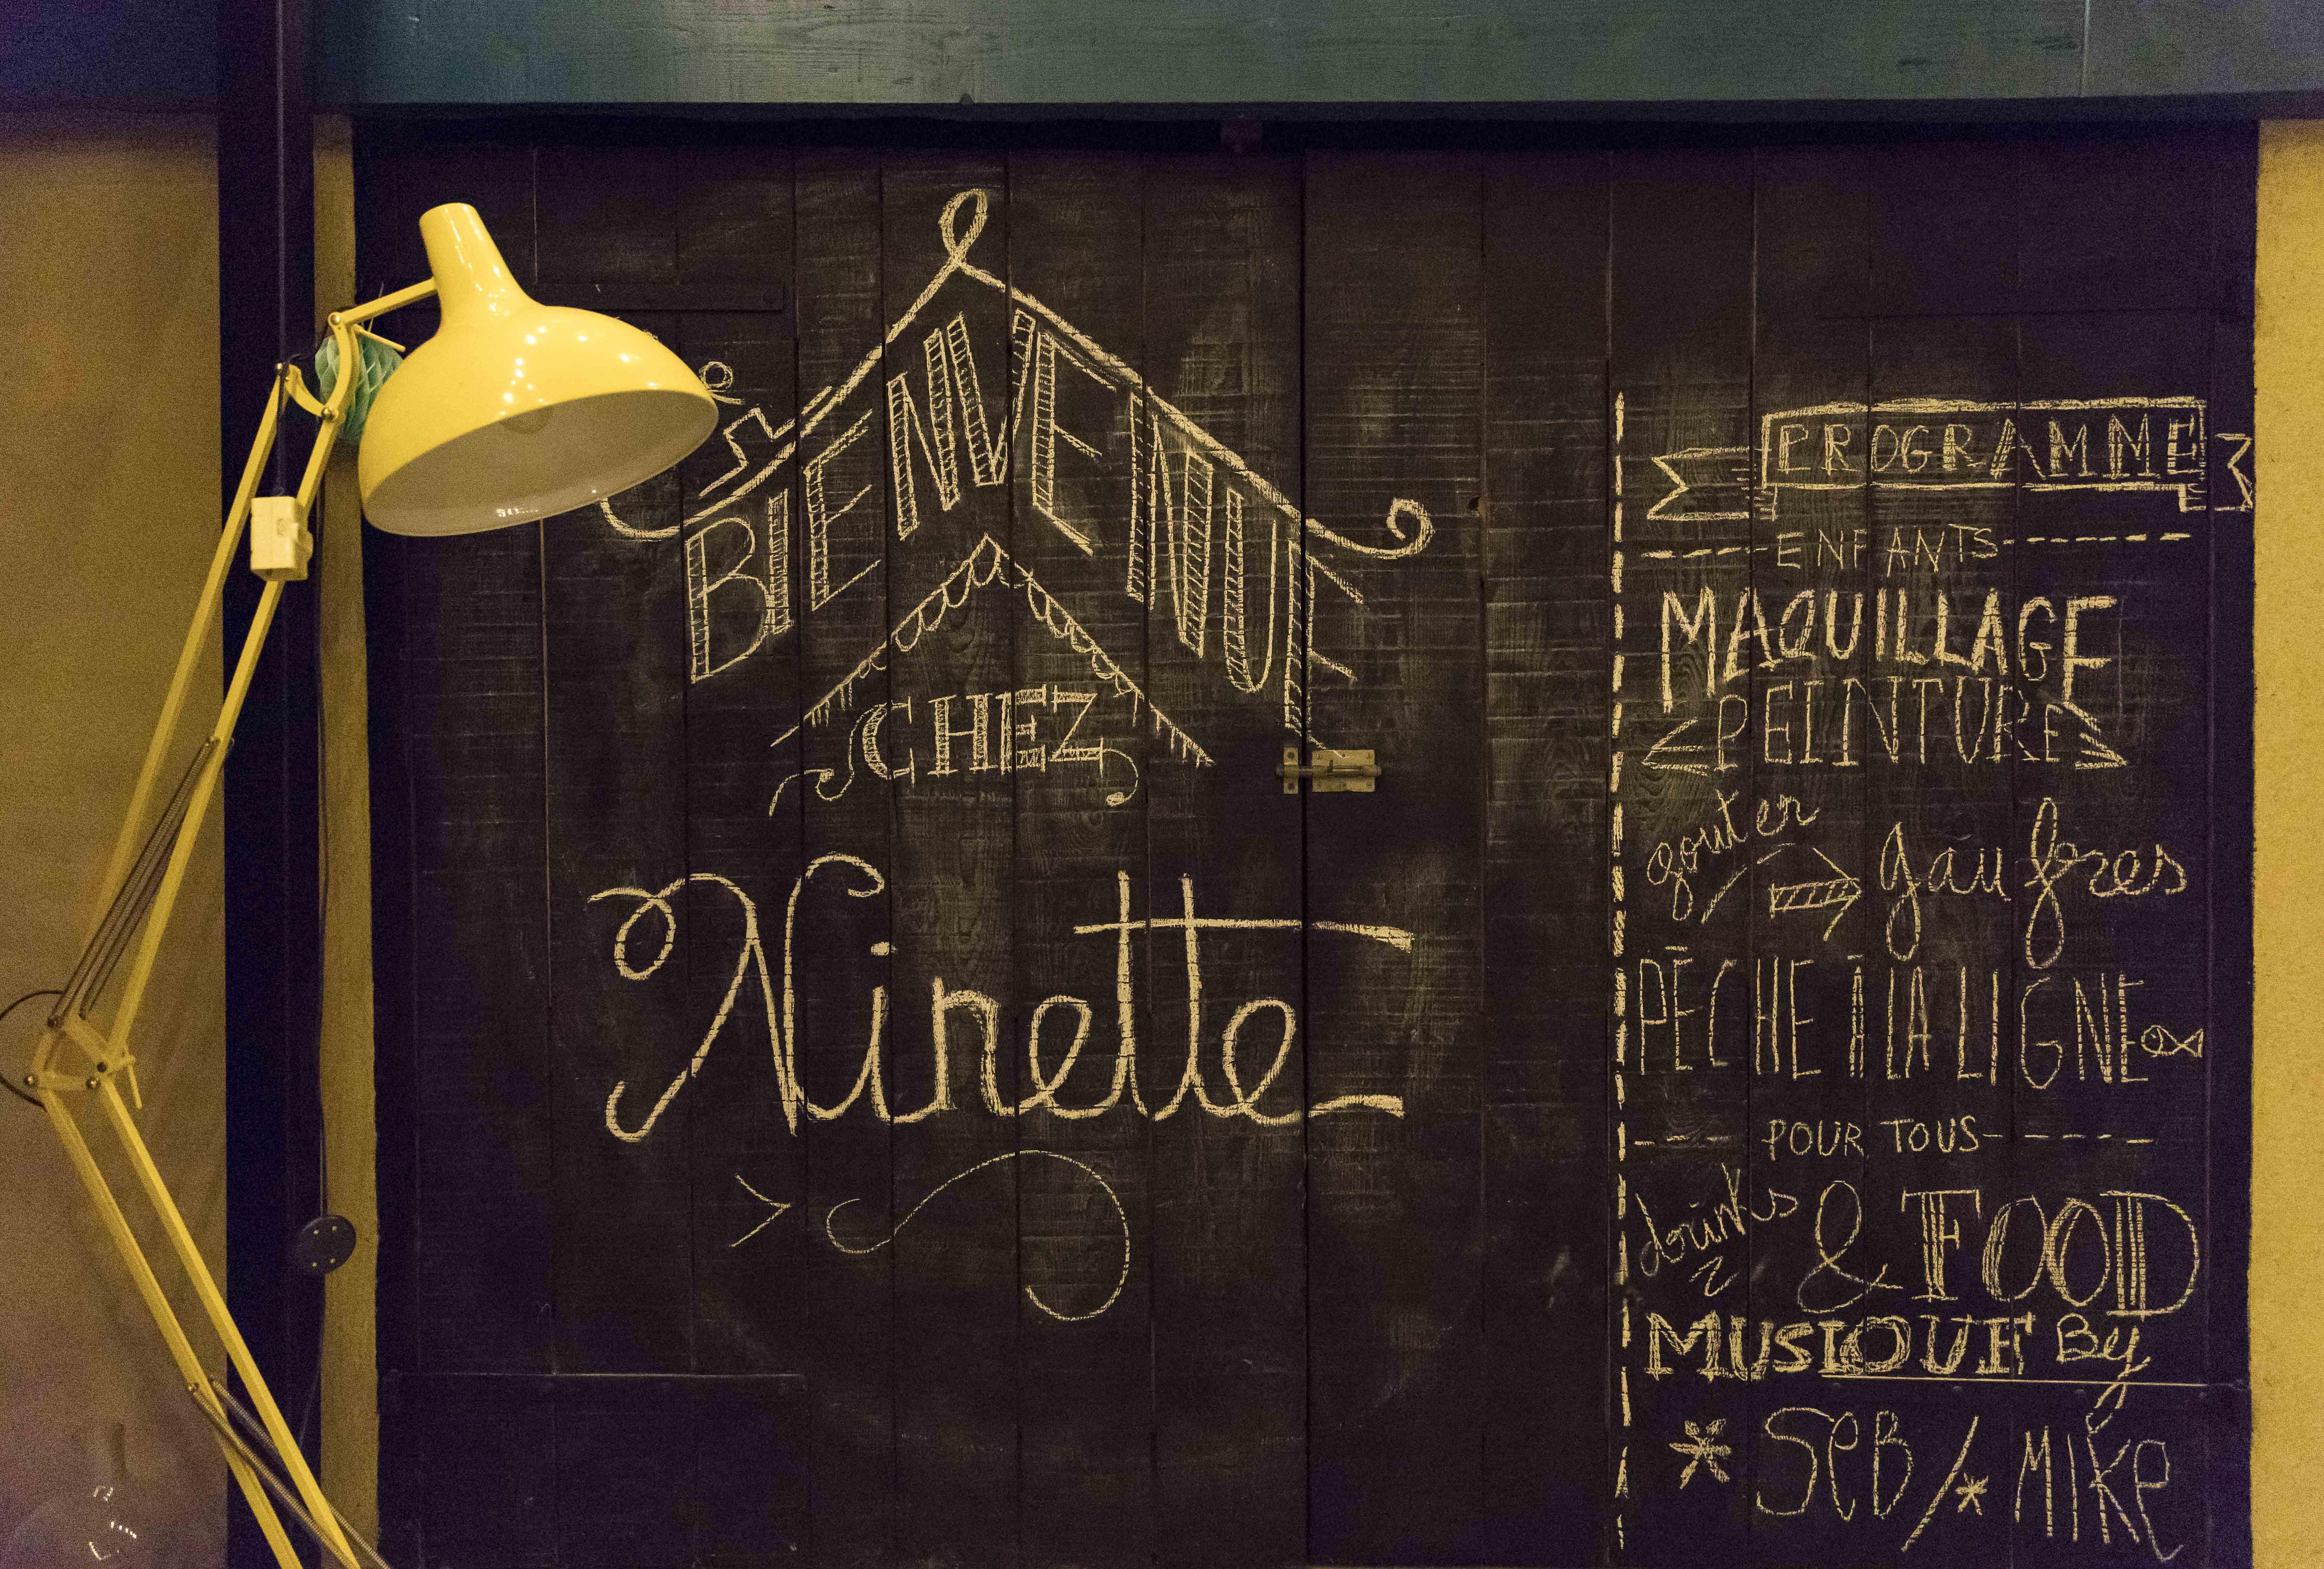 Bienvenue Chez ninette